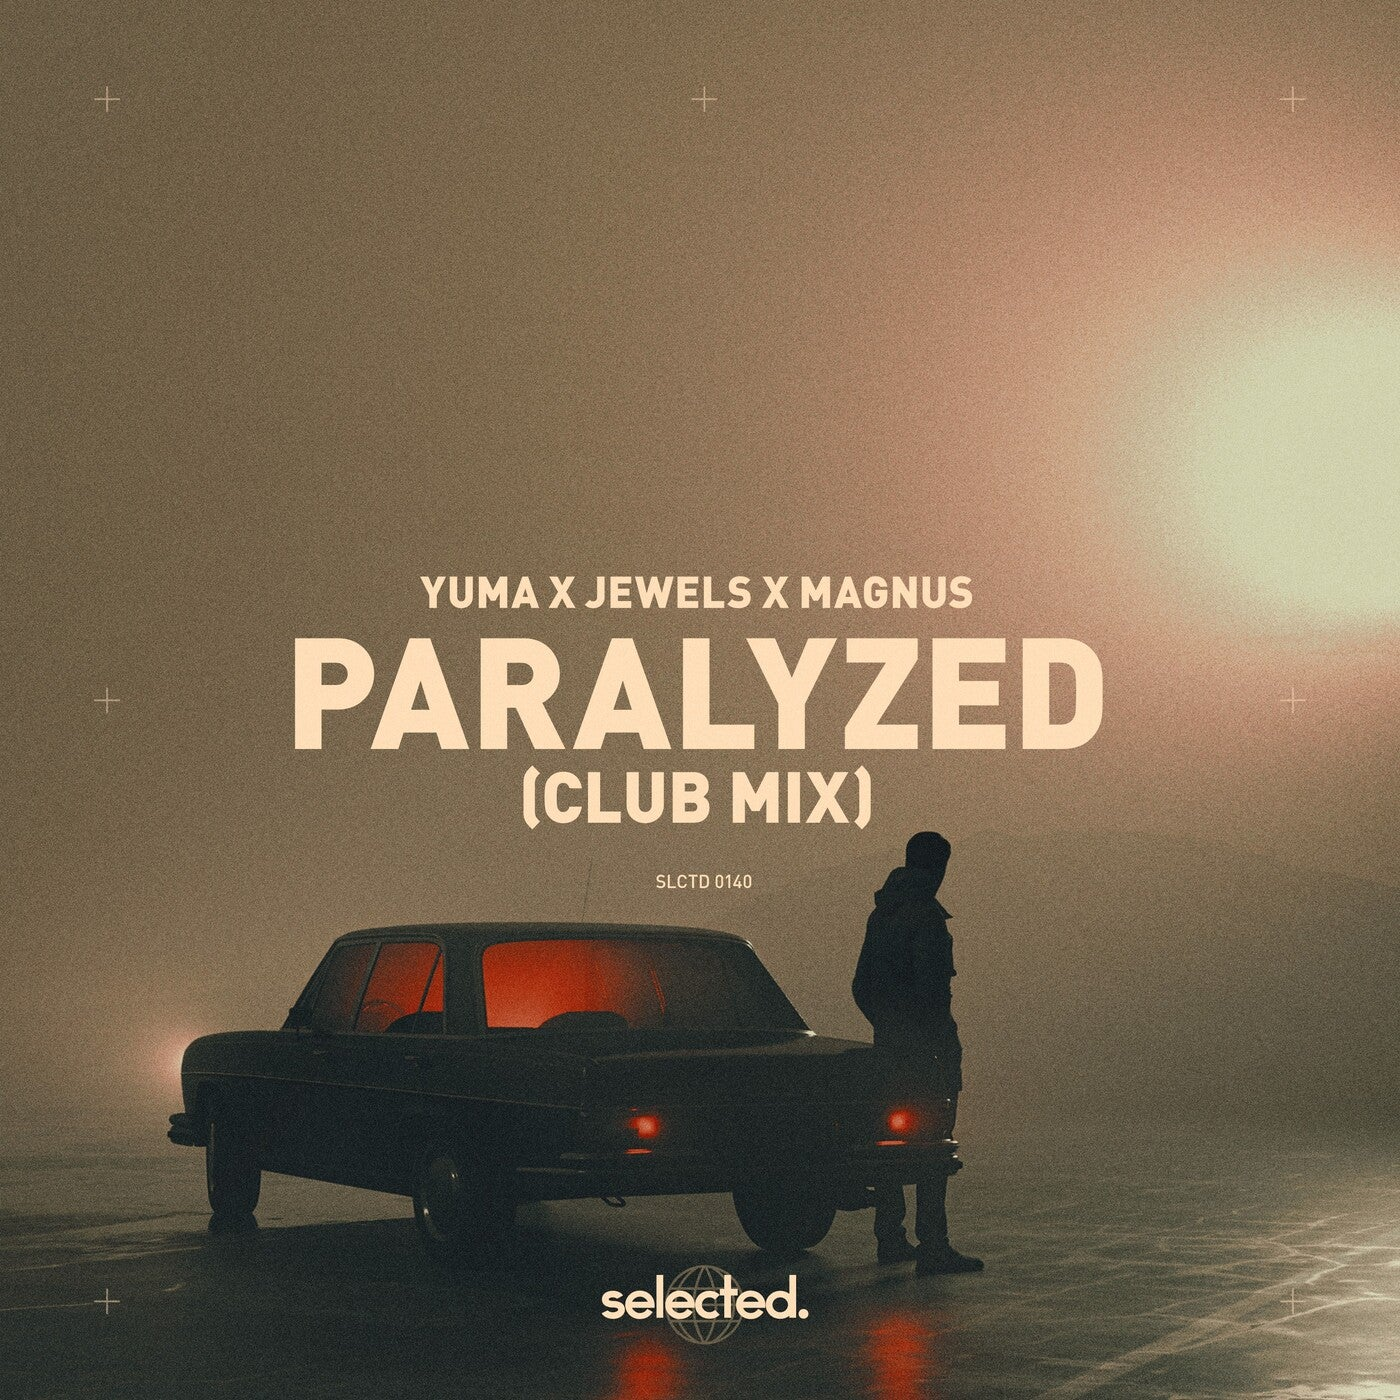 Paralyzed (Club Mix)